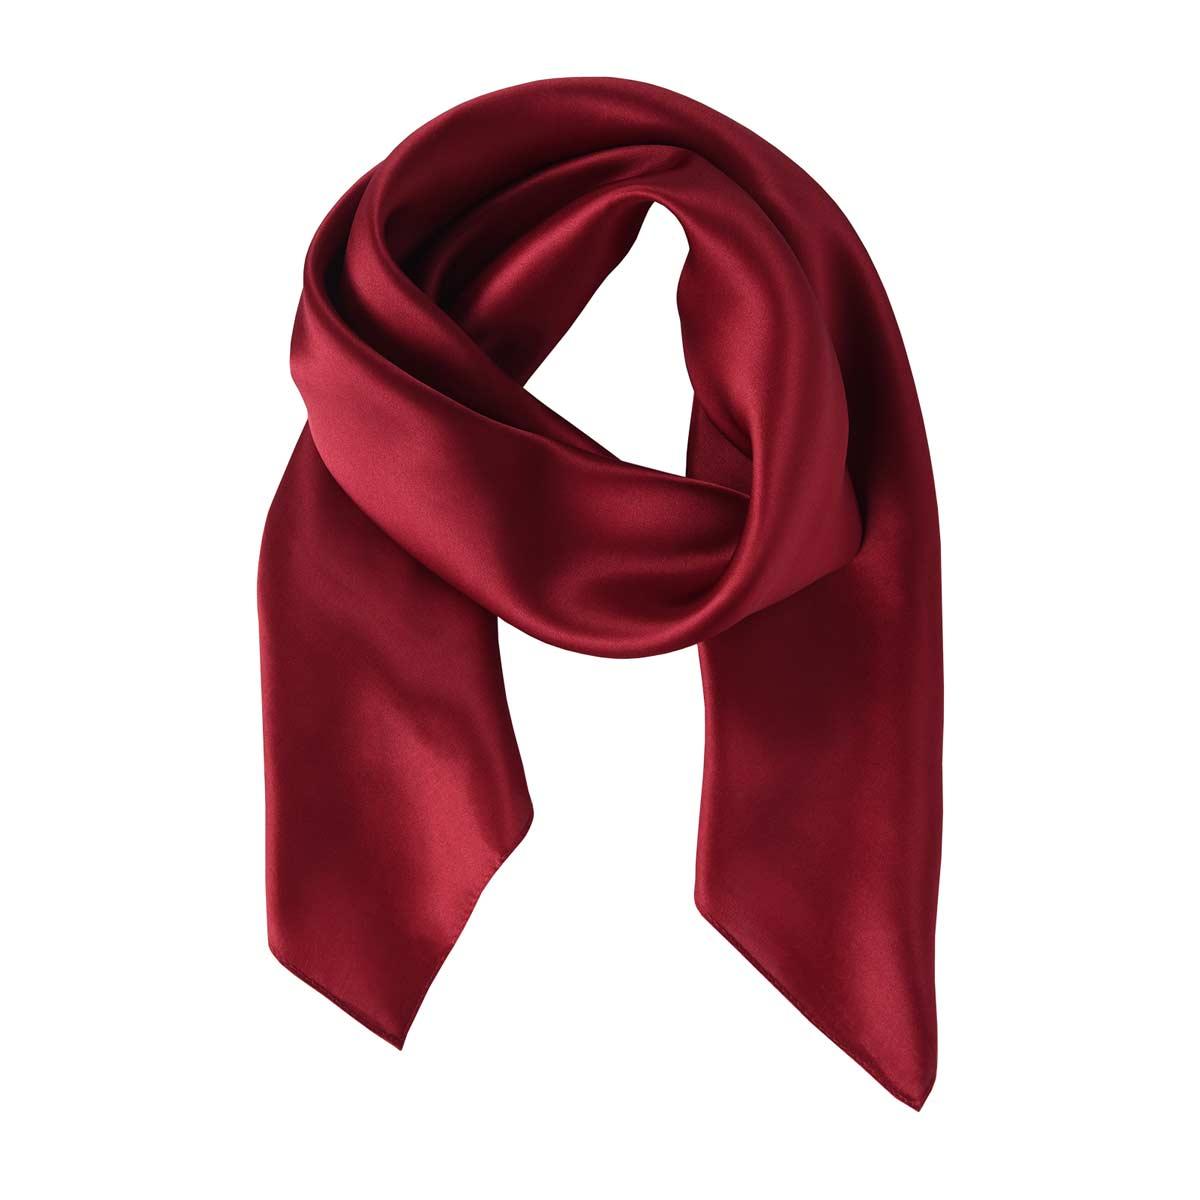 AT-05376-F12-grand-carre-de-soie-rouge-fonce